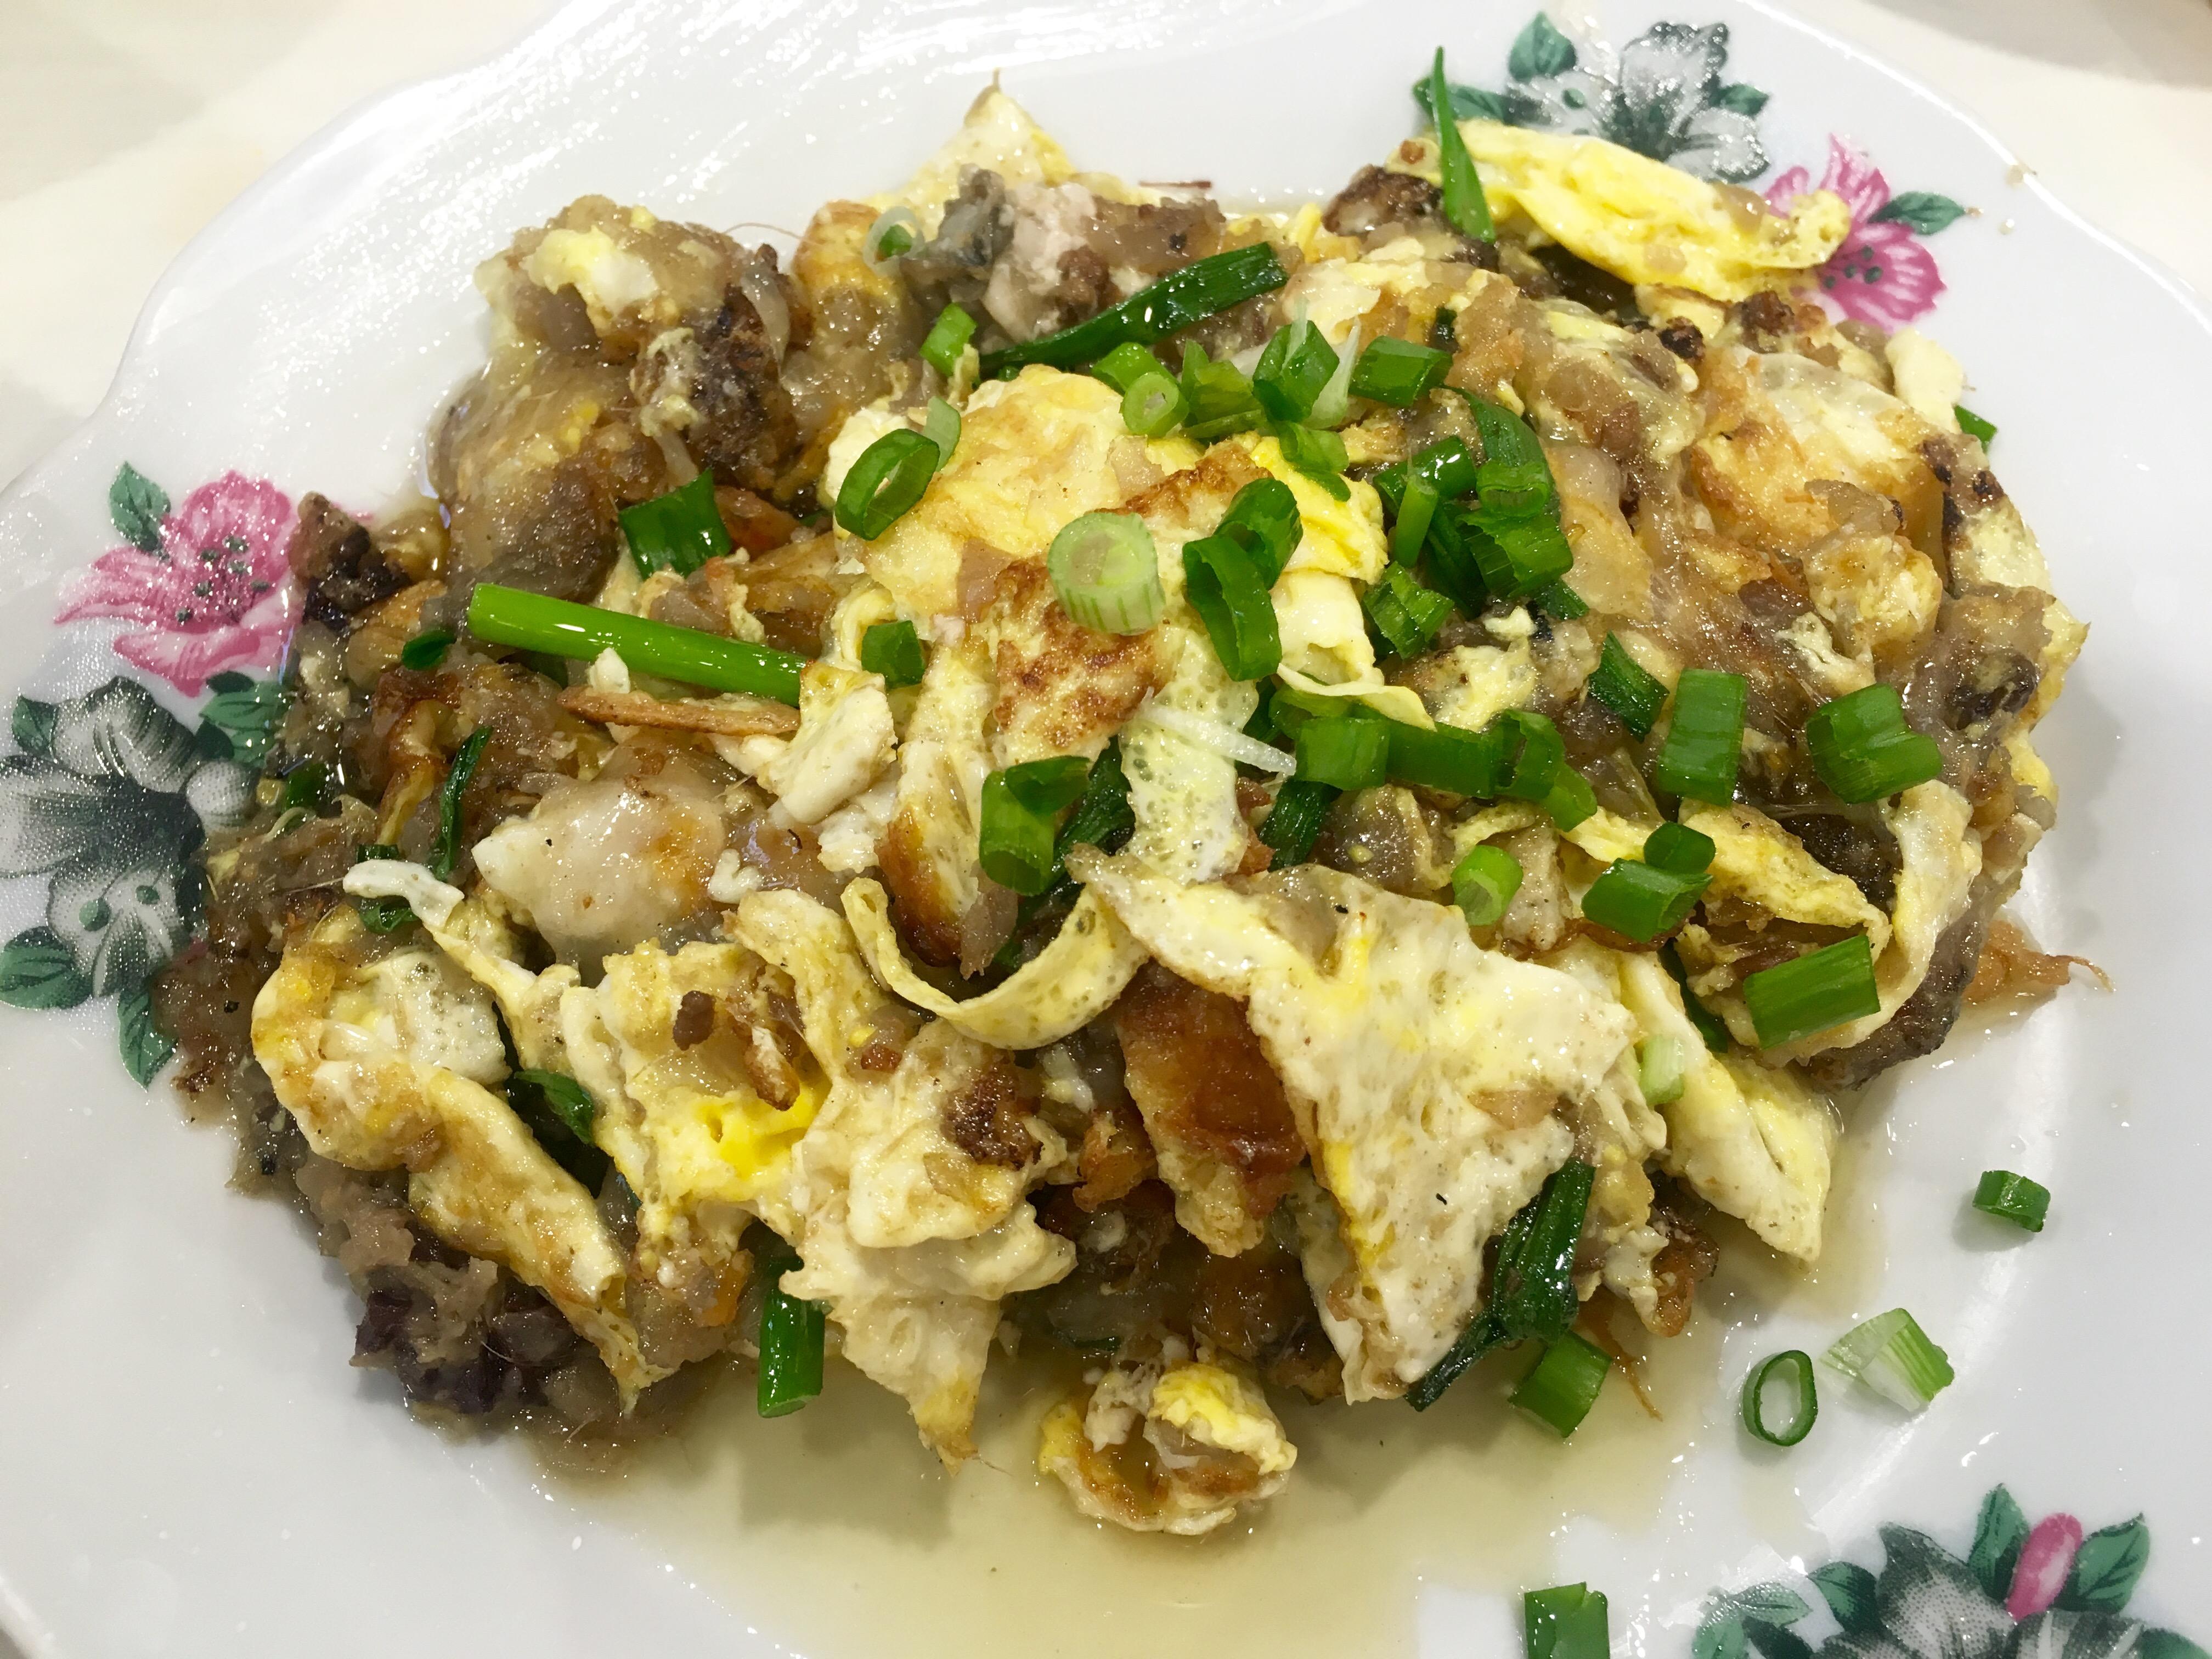 Encik Tan - Fried Oyster Omelette